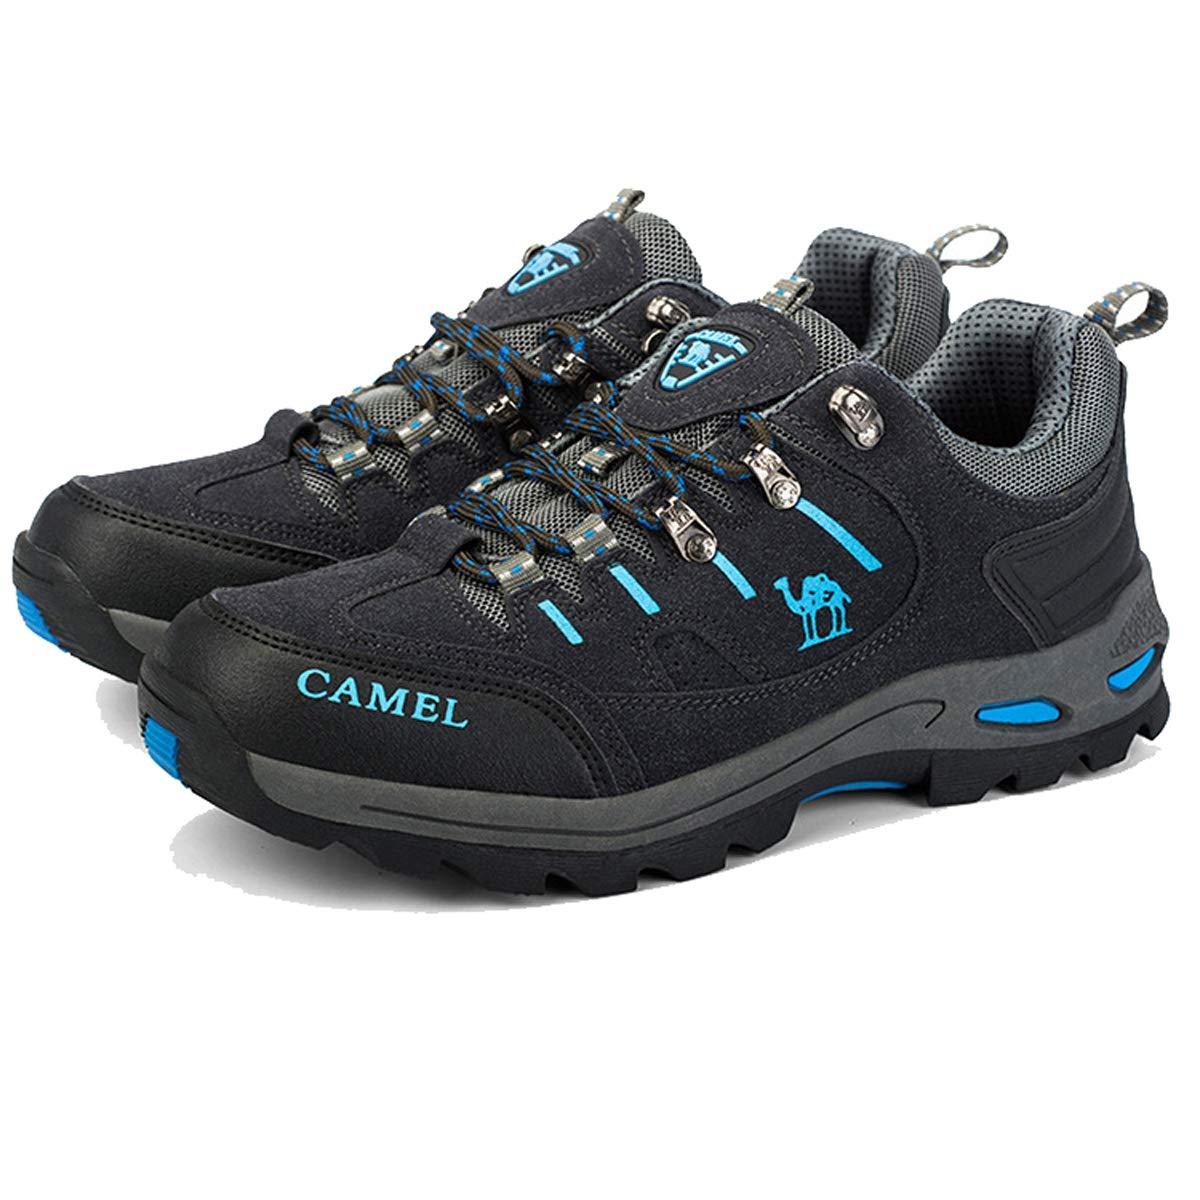 Adong Männer Bergsteigen Stiefel Turnschuhe Schuhe Jungle Trekking-Schuhe ow-Top-Schuhe für alle Saison,B,40EU